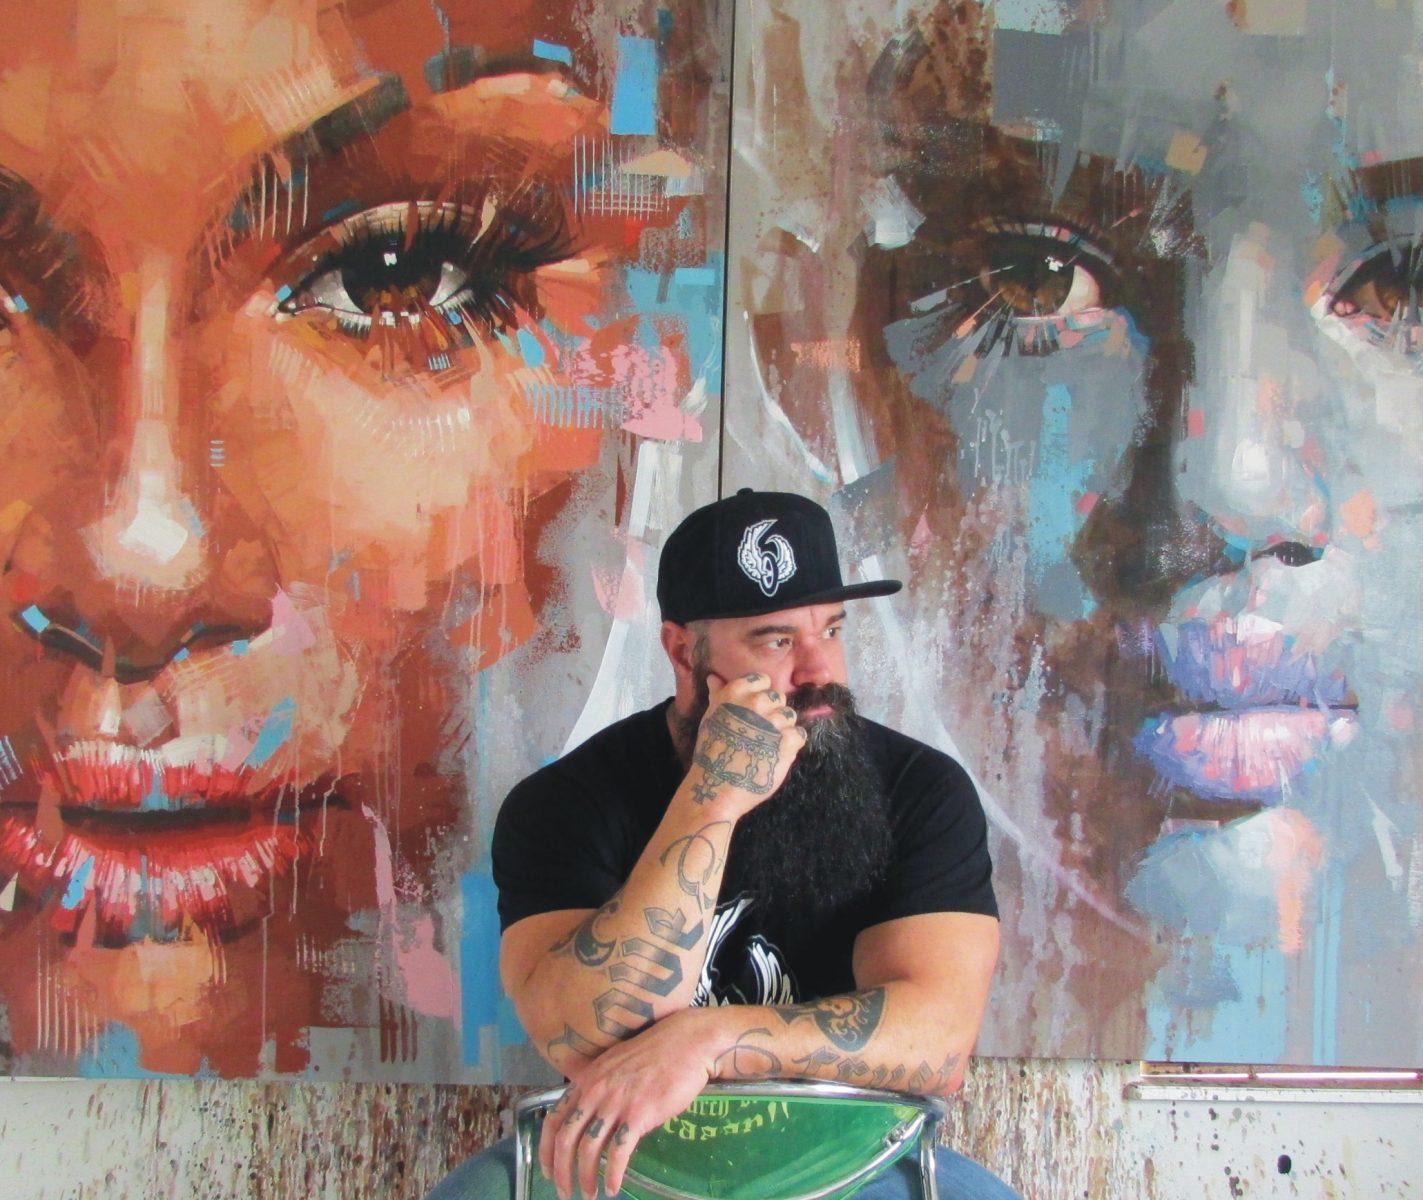 نگاهی به آثار jimmy law، نقاش پرتره های پر جنب و جوش